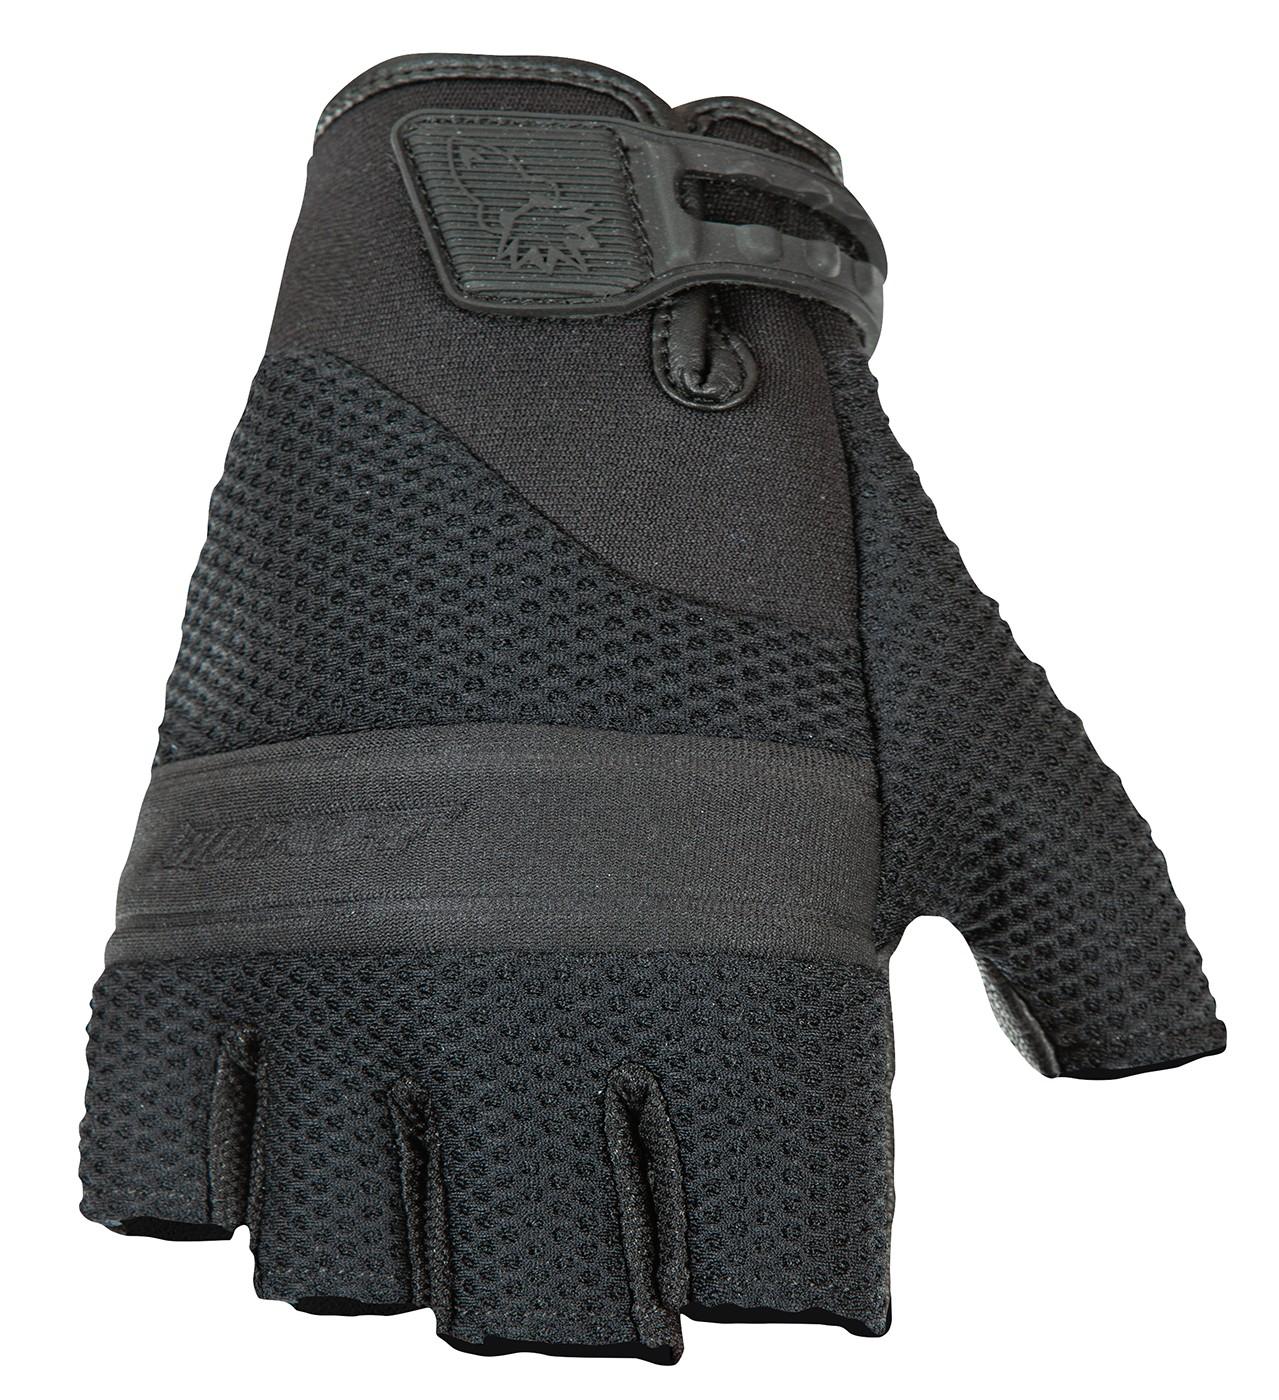 Joe Rocket Medium Black Vento Fingerless Motorcycle Gloves Med Md M